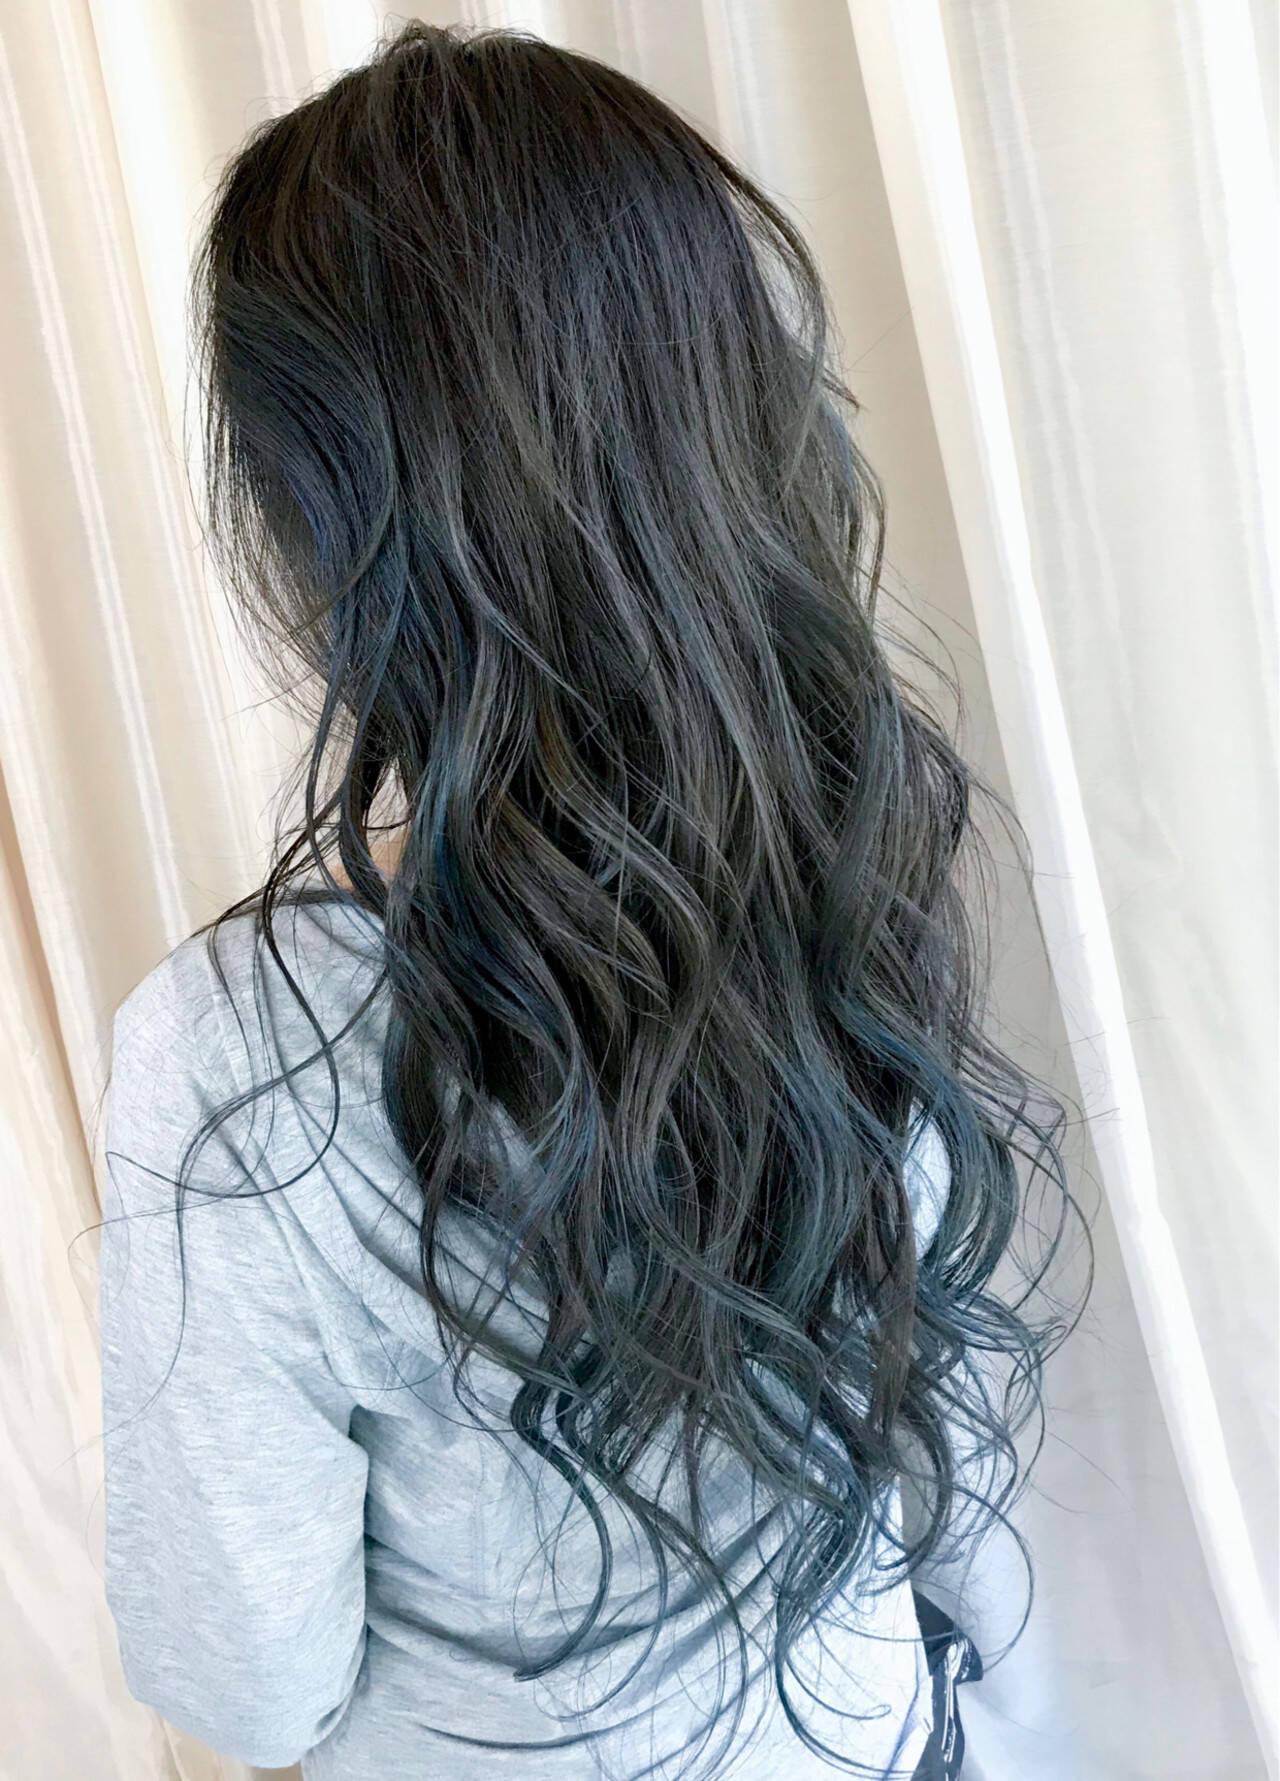 ブルーブラック ネイビーブルー ネイビー ブルーアッシュヘアスタイルや髪型の写真・画像